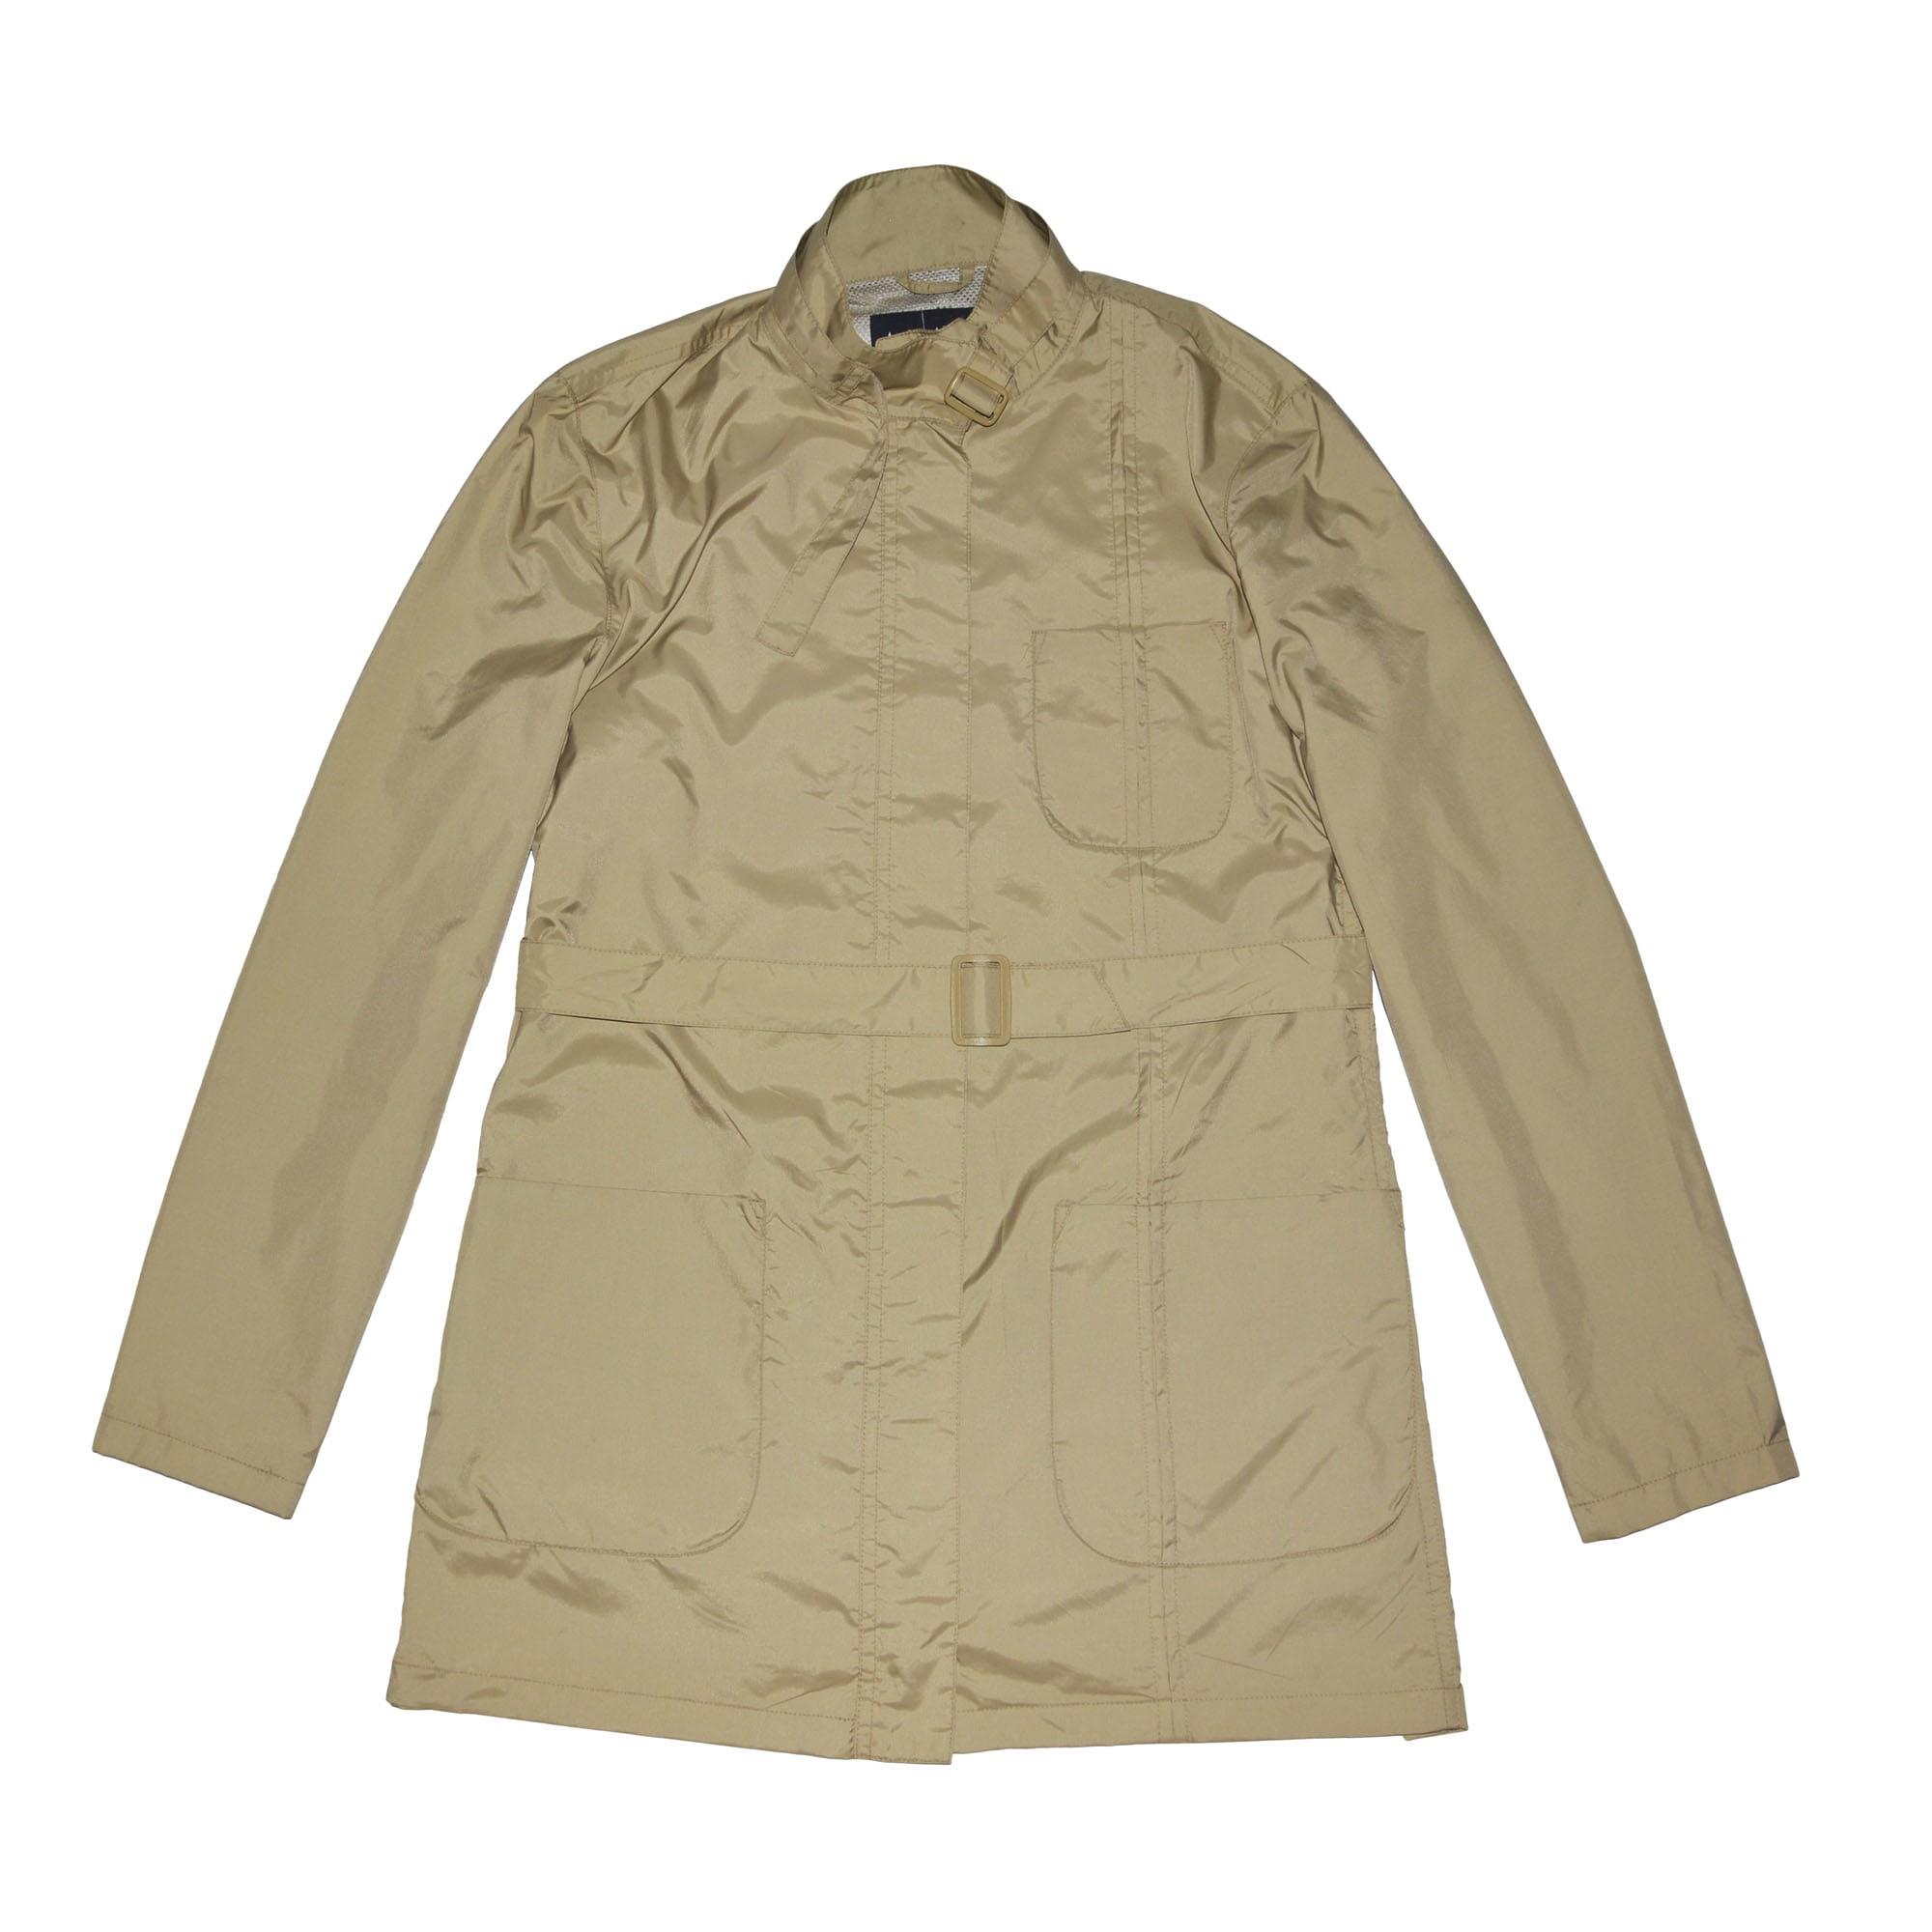 a72a621080f0 Imperméable, trench ARMANI JEANS Autre beige vendu par Arialux - 6505094